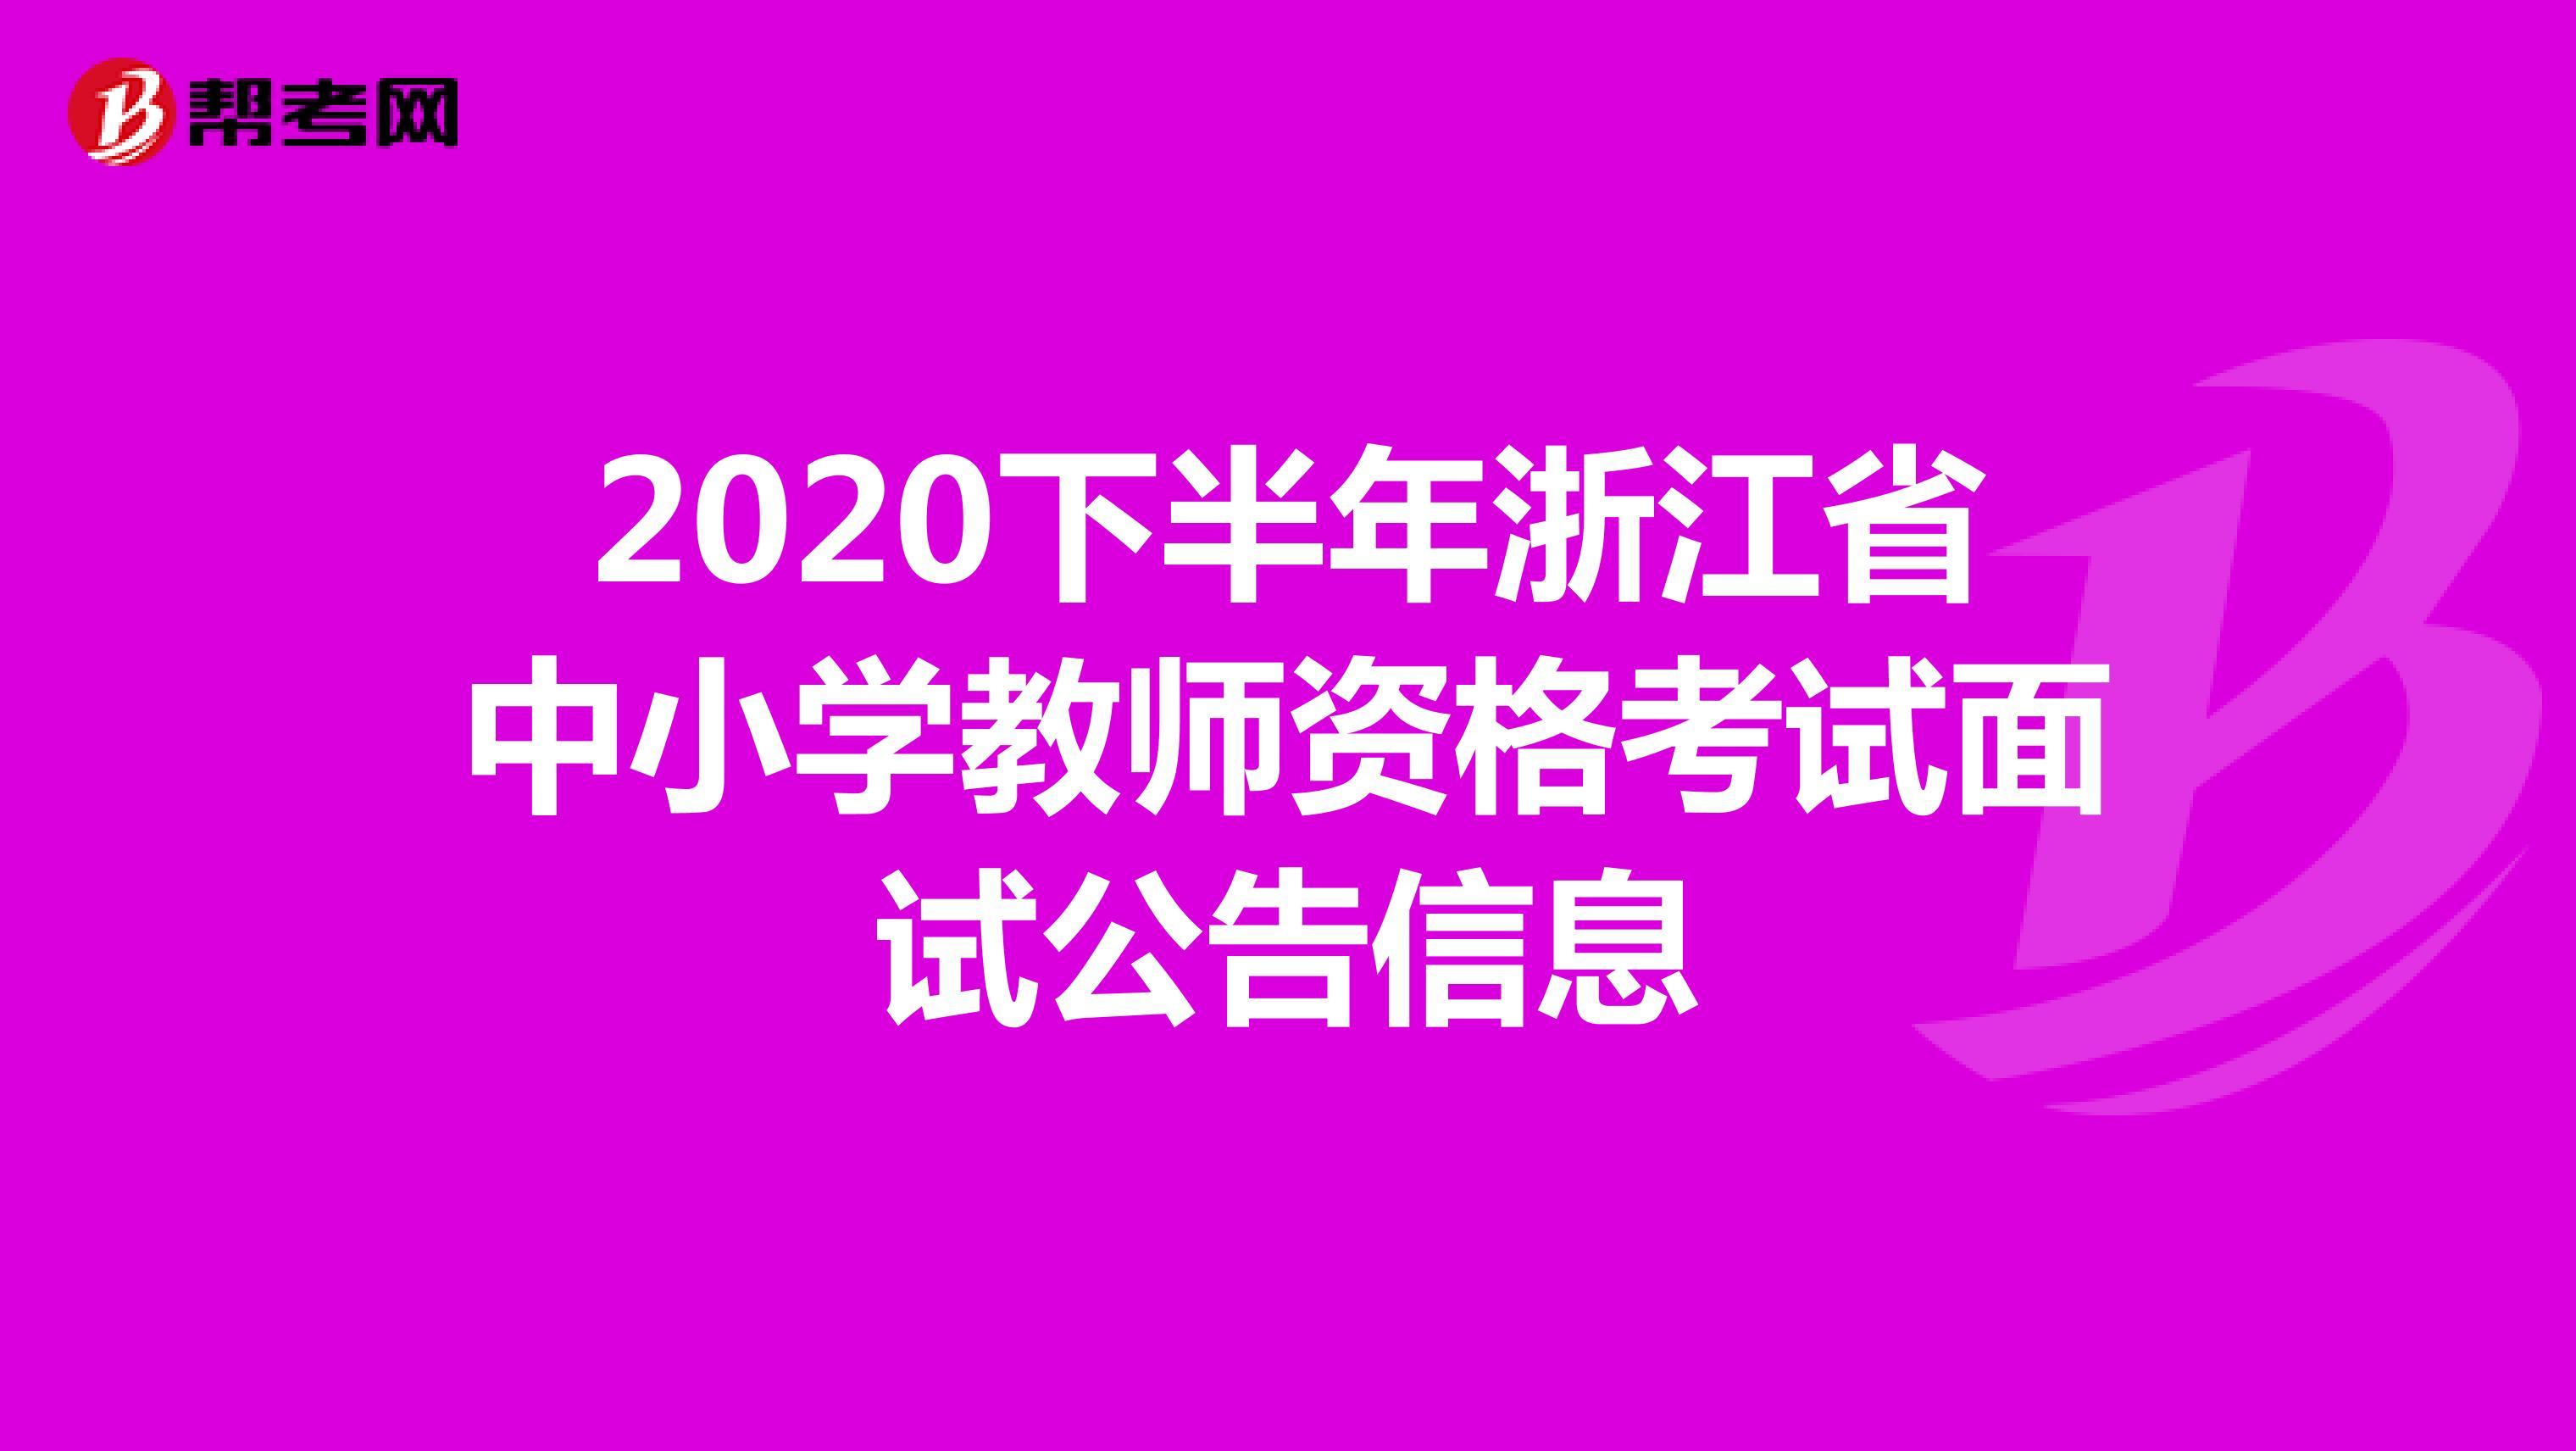 2020下半年浙江省中小學教師資格考試面試公告信息